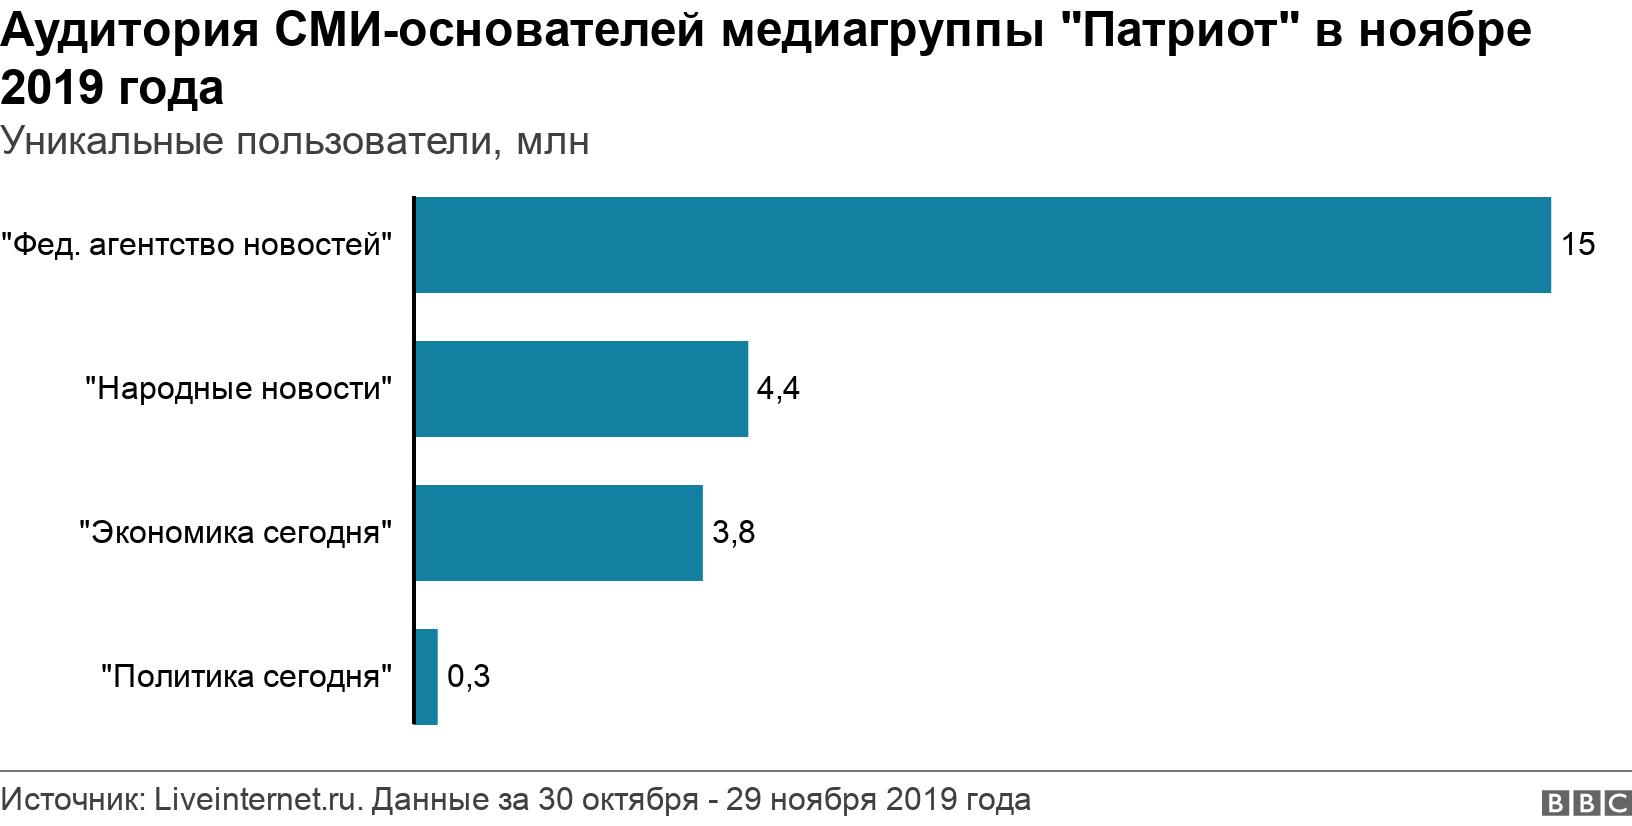 """Аудитория СМИ-основателей медиагруппы """"Патриот"""" в ноябре 2019 года. Уникальные пользователи, млн.  ."""